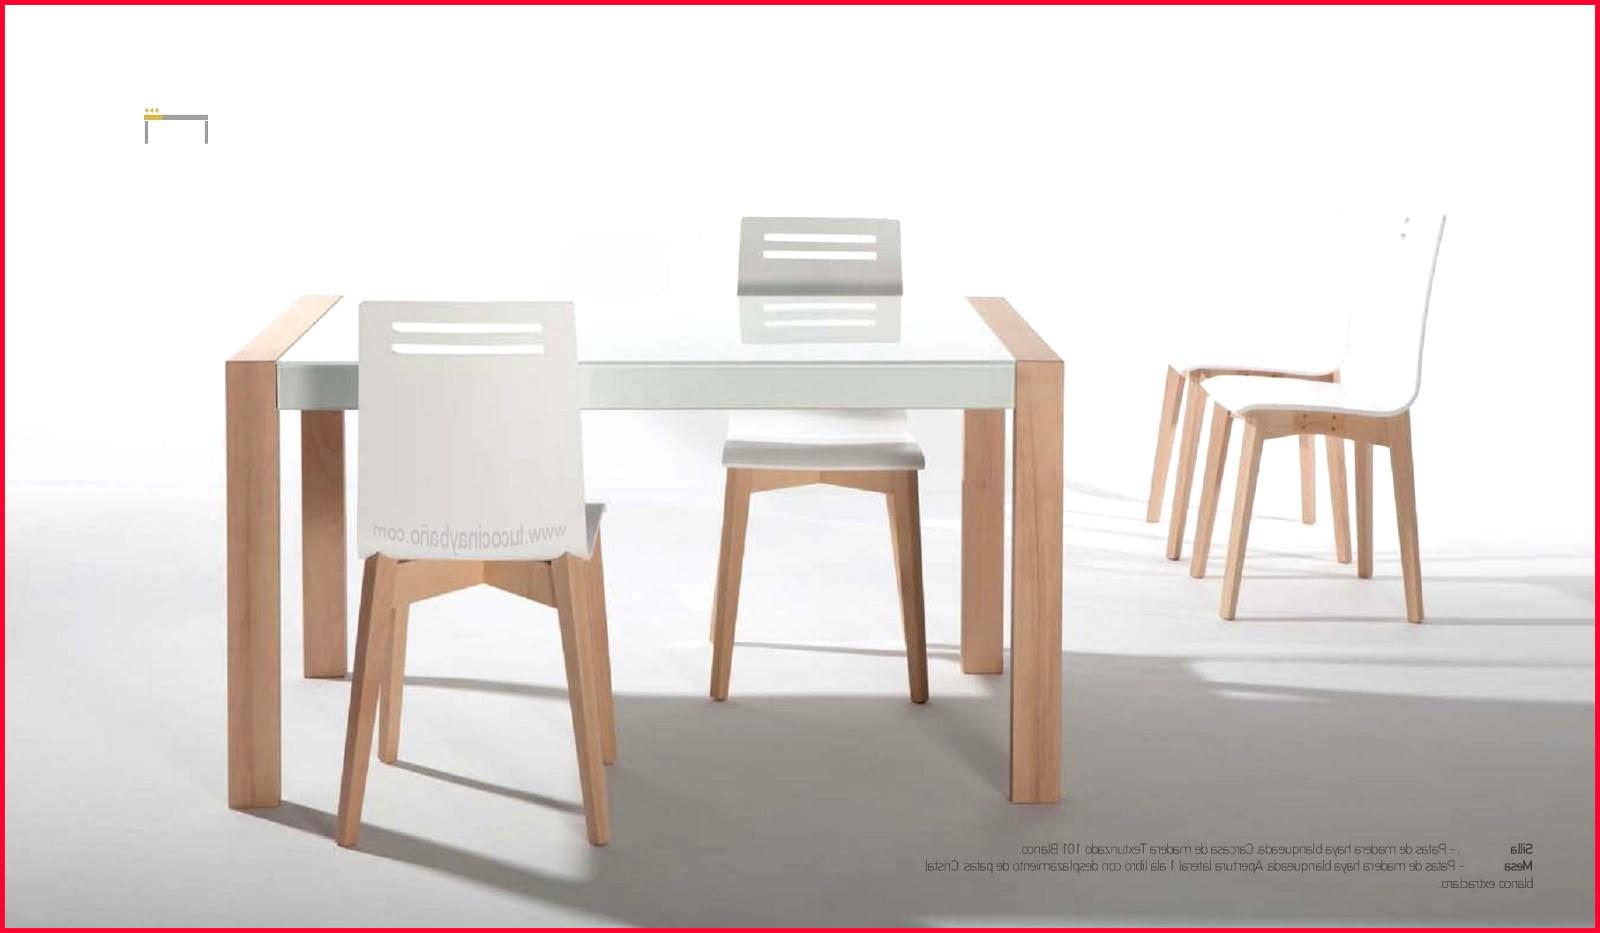 Mesas Cocina Y De Ikea 2016Conjuntos Catálogo Sillas doCrBWxe